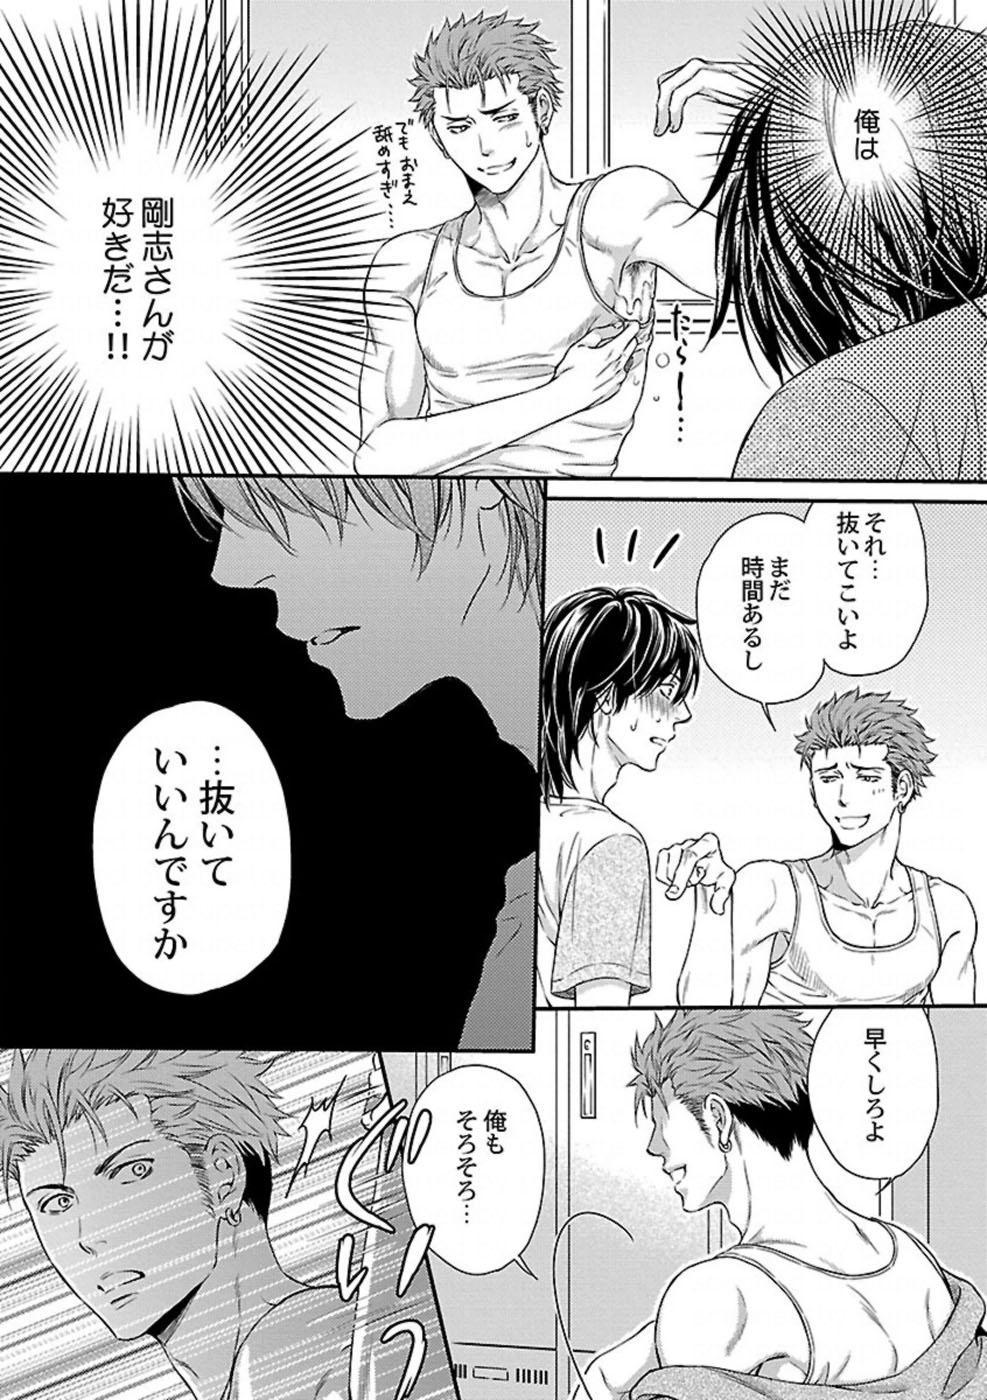 Ore no Sukina Waki+Ore no Aishi no Waki 16